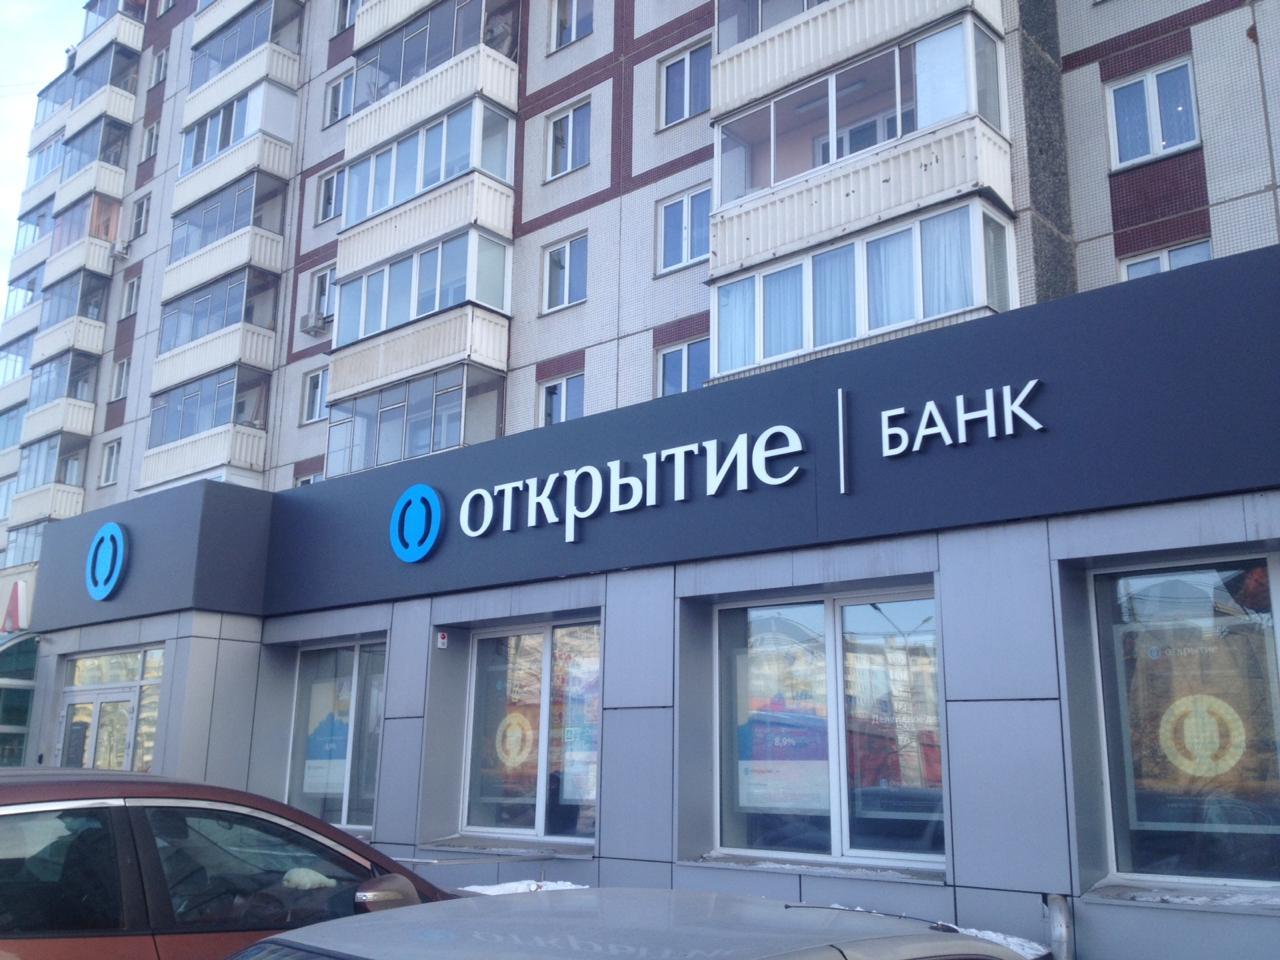 Наружная реклама банка «Открытие»